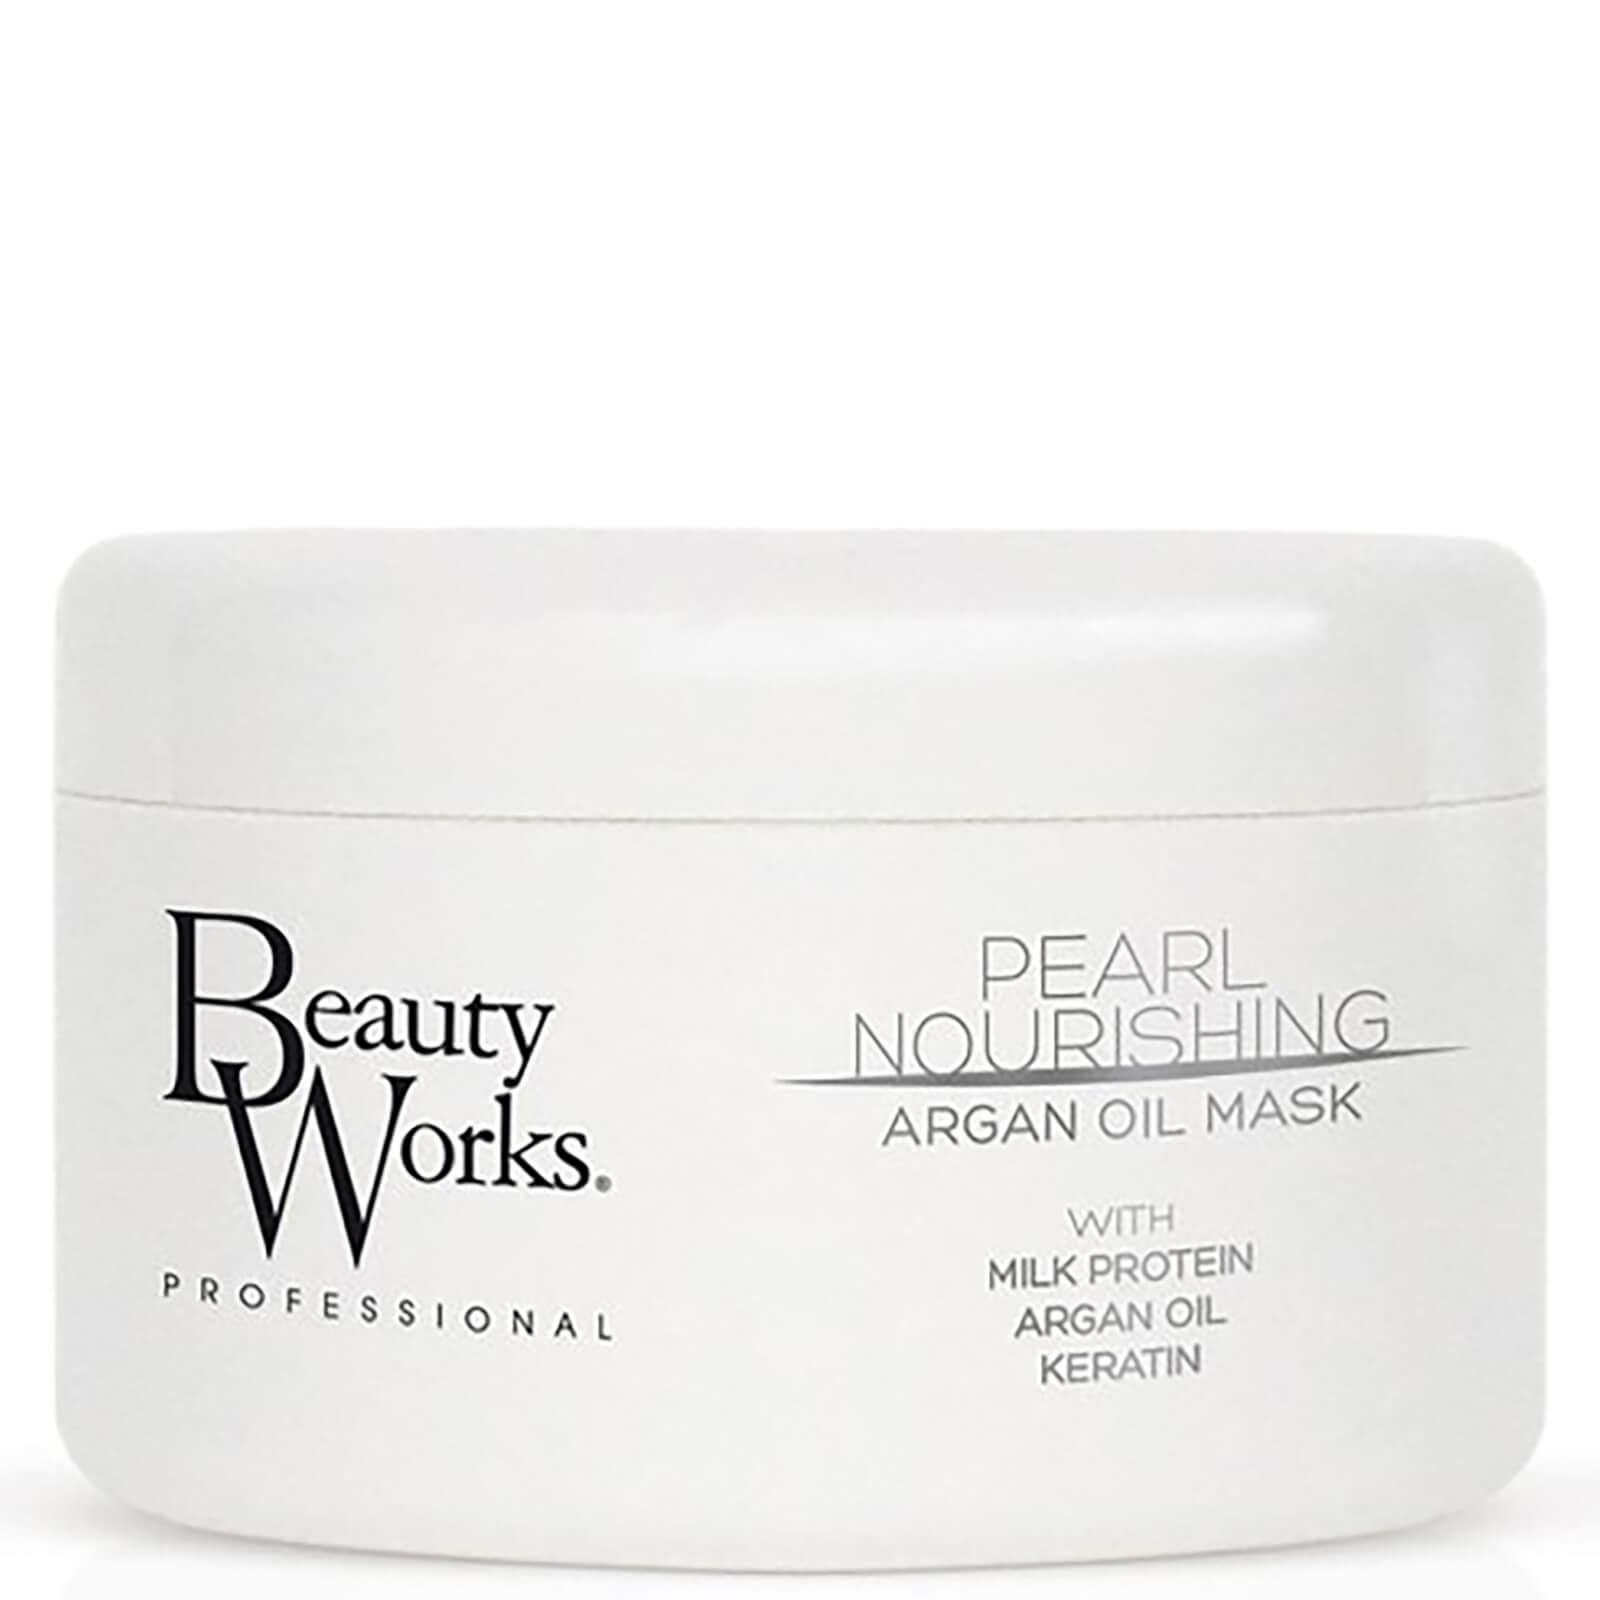 Beauty Works Masqueà l'huile d'argan nourrissant Pearl Nourishing deBeauty Works